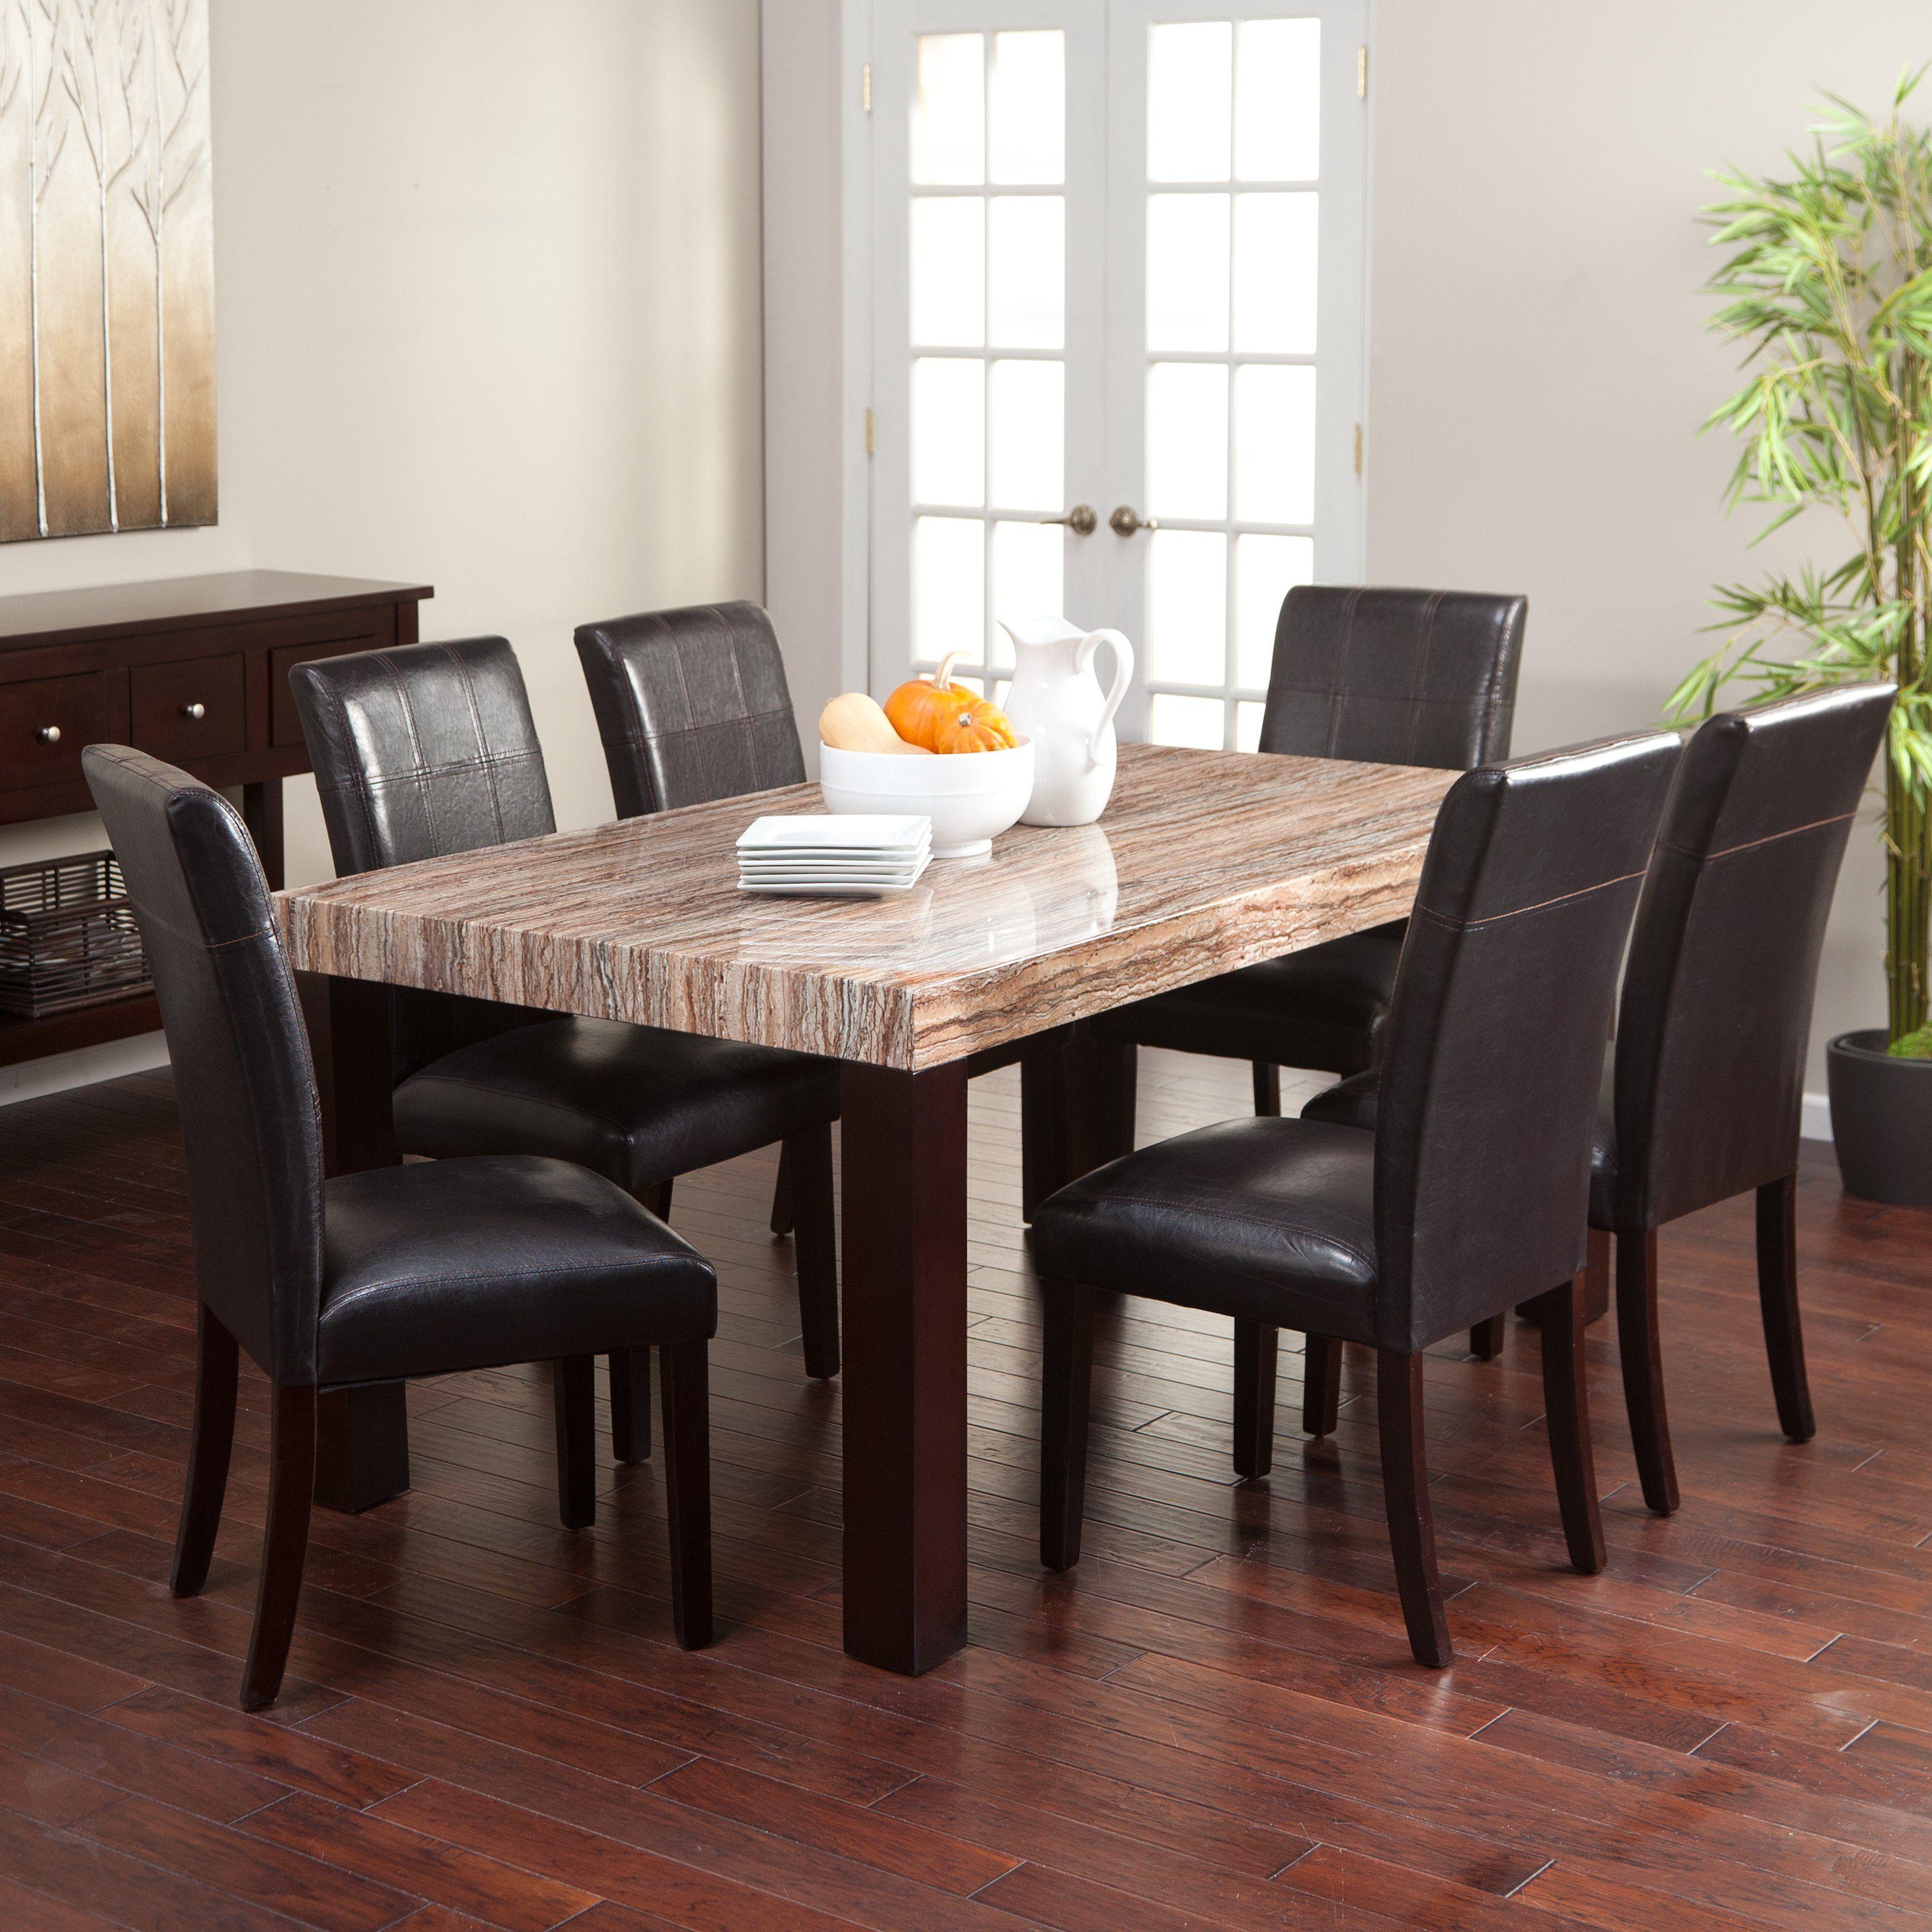 Carmine 7 Piece Dining Table Set  $49998 @Hayneedle